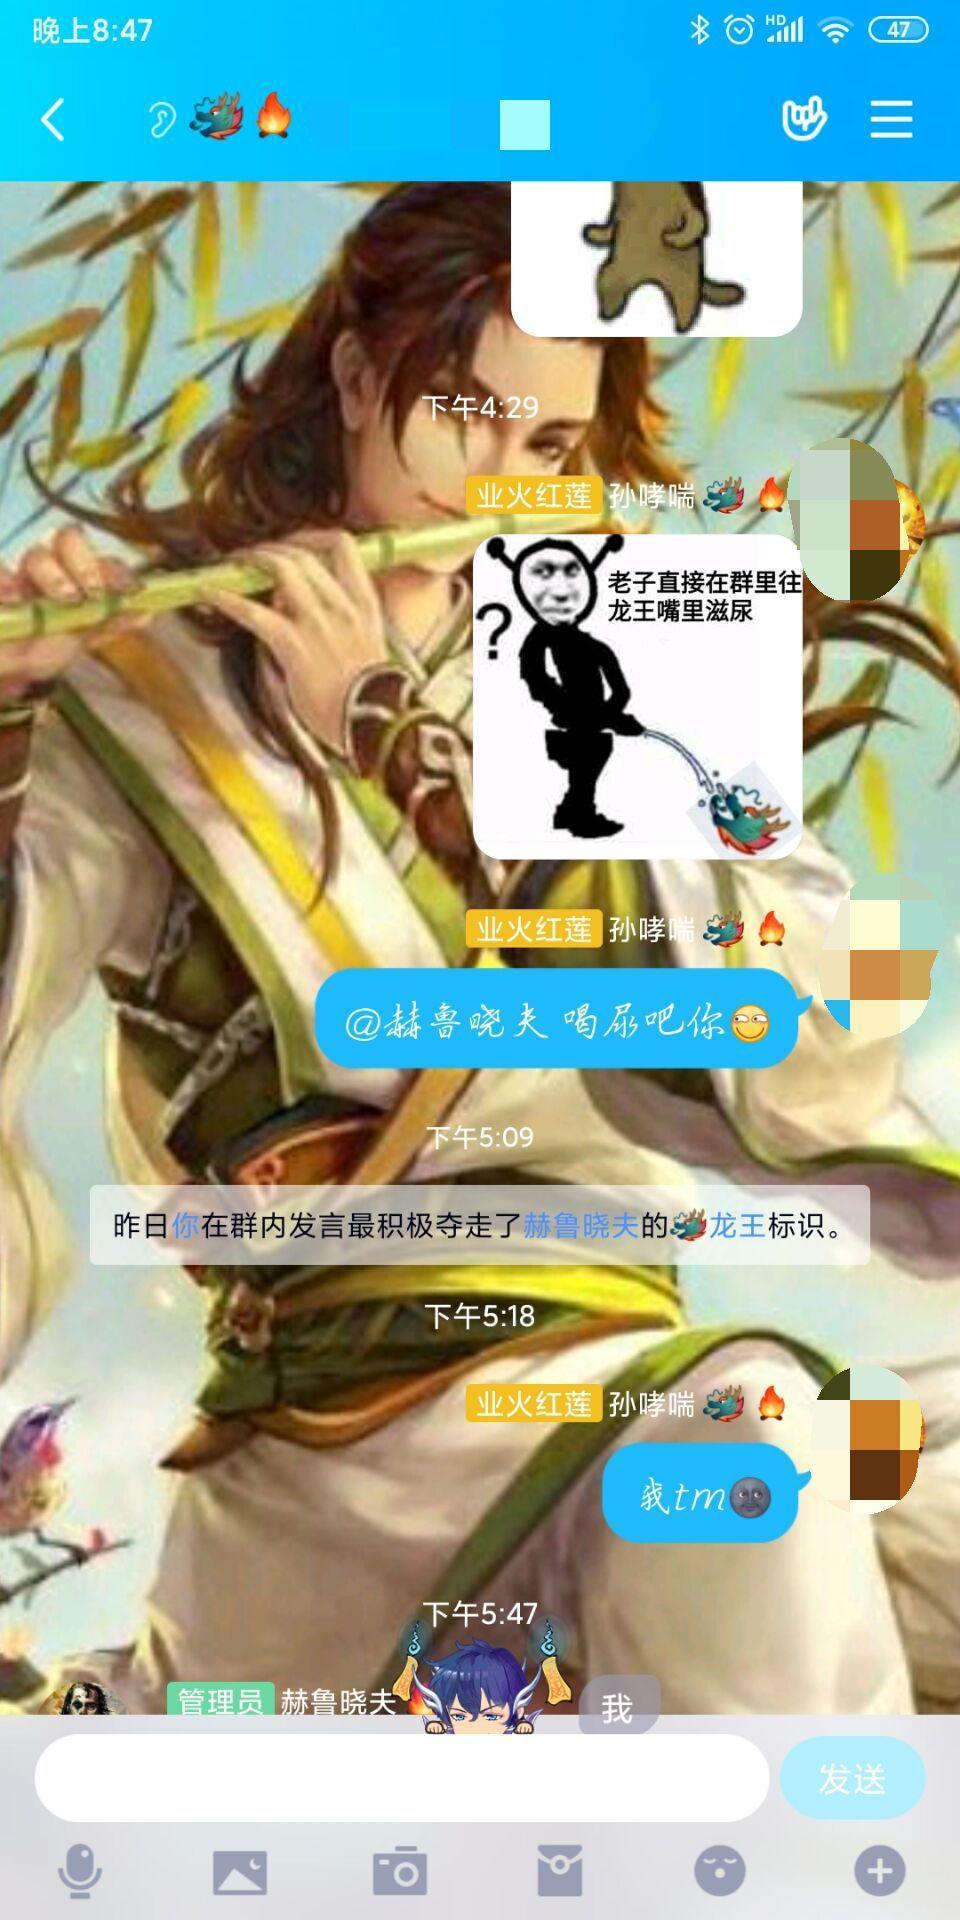 怎么看待腾讯QQ更新后群聊中的「龙王」? - 知乎